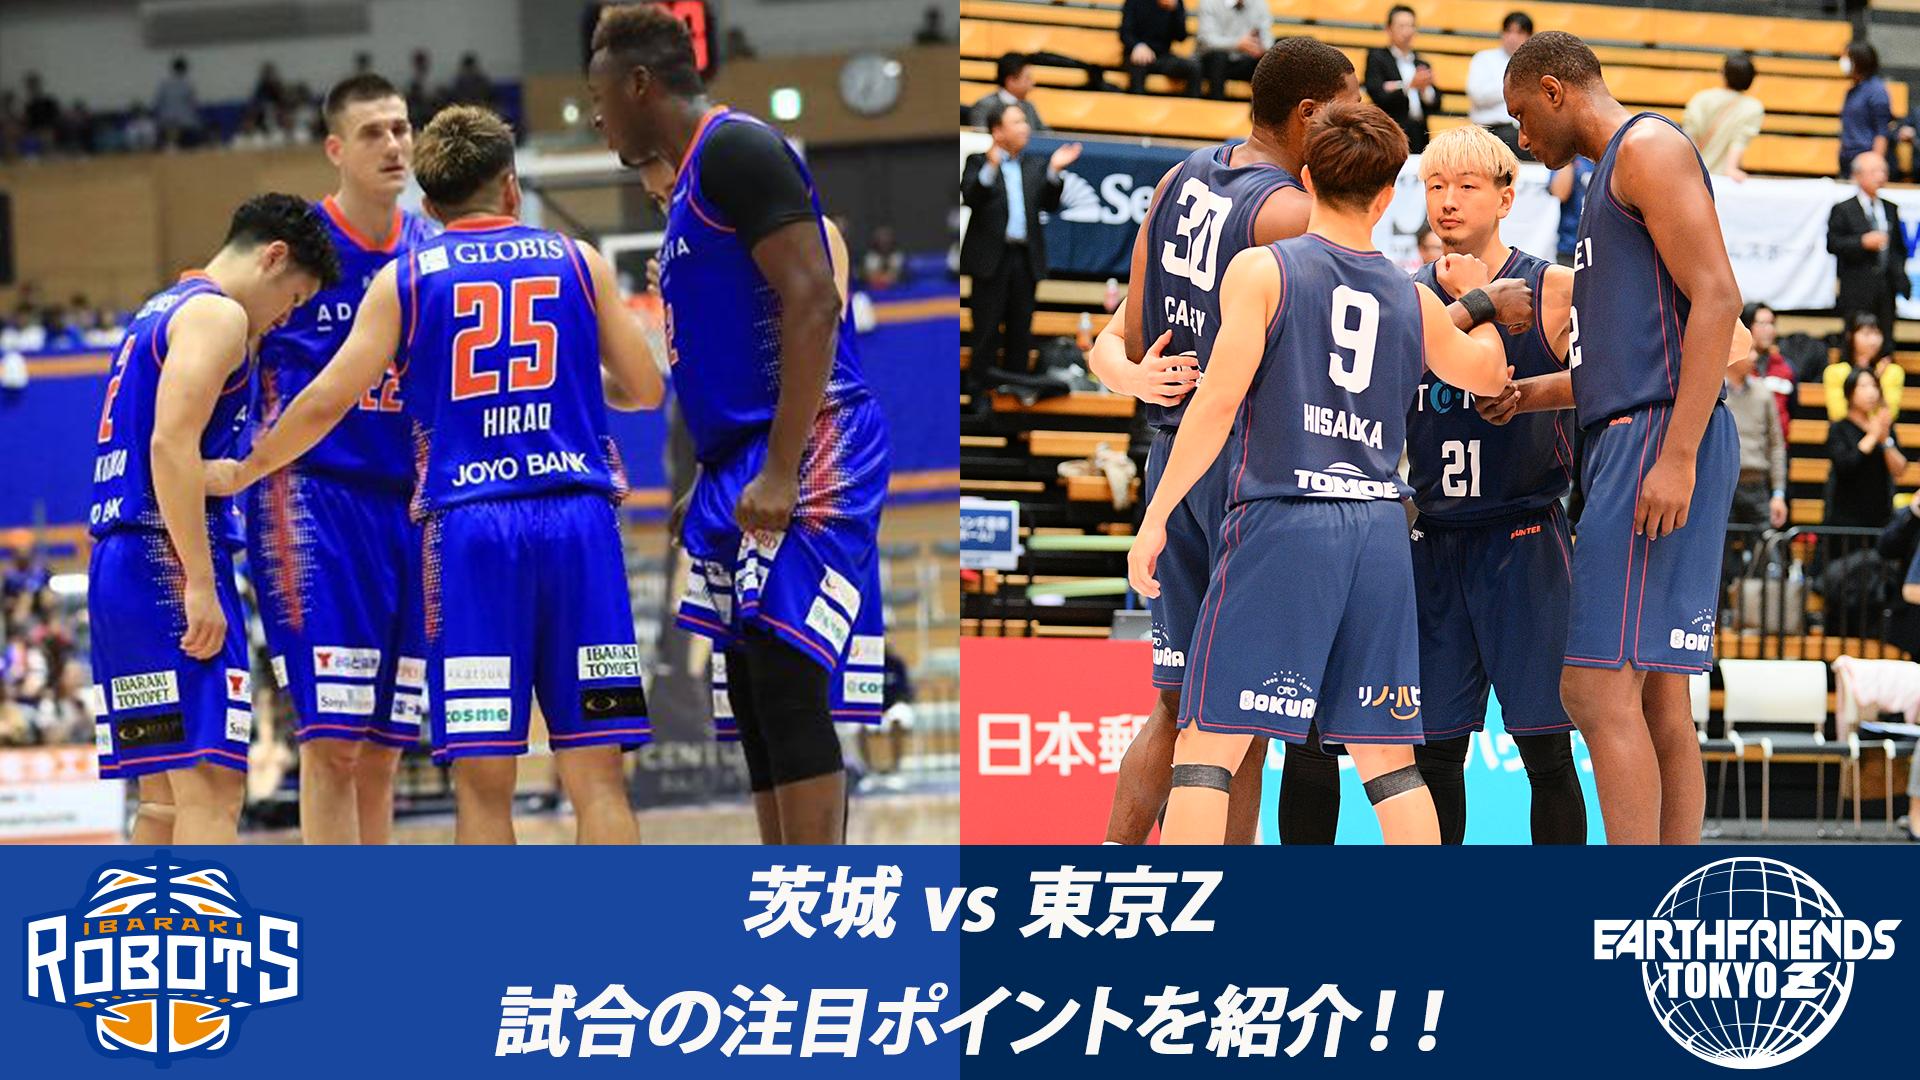 12/14・15 東京Z戦 注目ポイント②:リーグ屈指のディフェンス力を攻略出来るか!